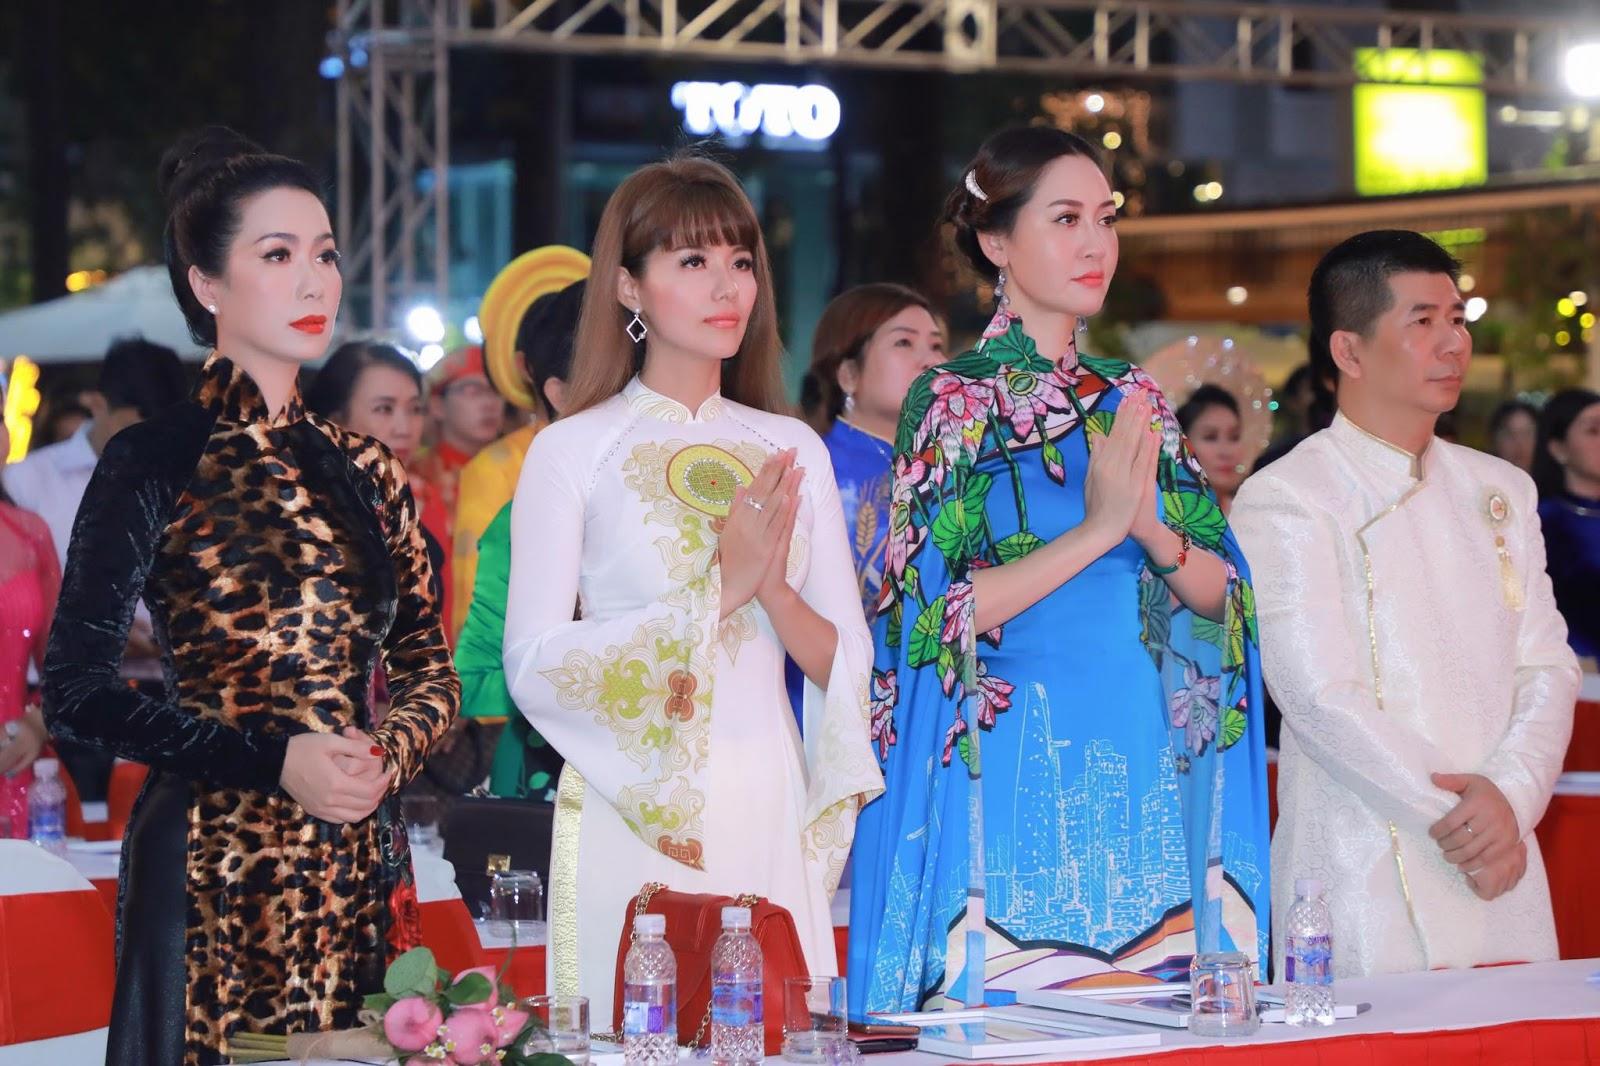 Hoa hậu Đàm Lưu Ly cùng dàn nghệ sỹ hướng về ngày giỗ Tổ sân khấu - Hình 1